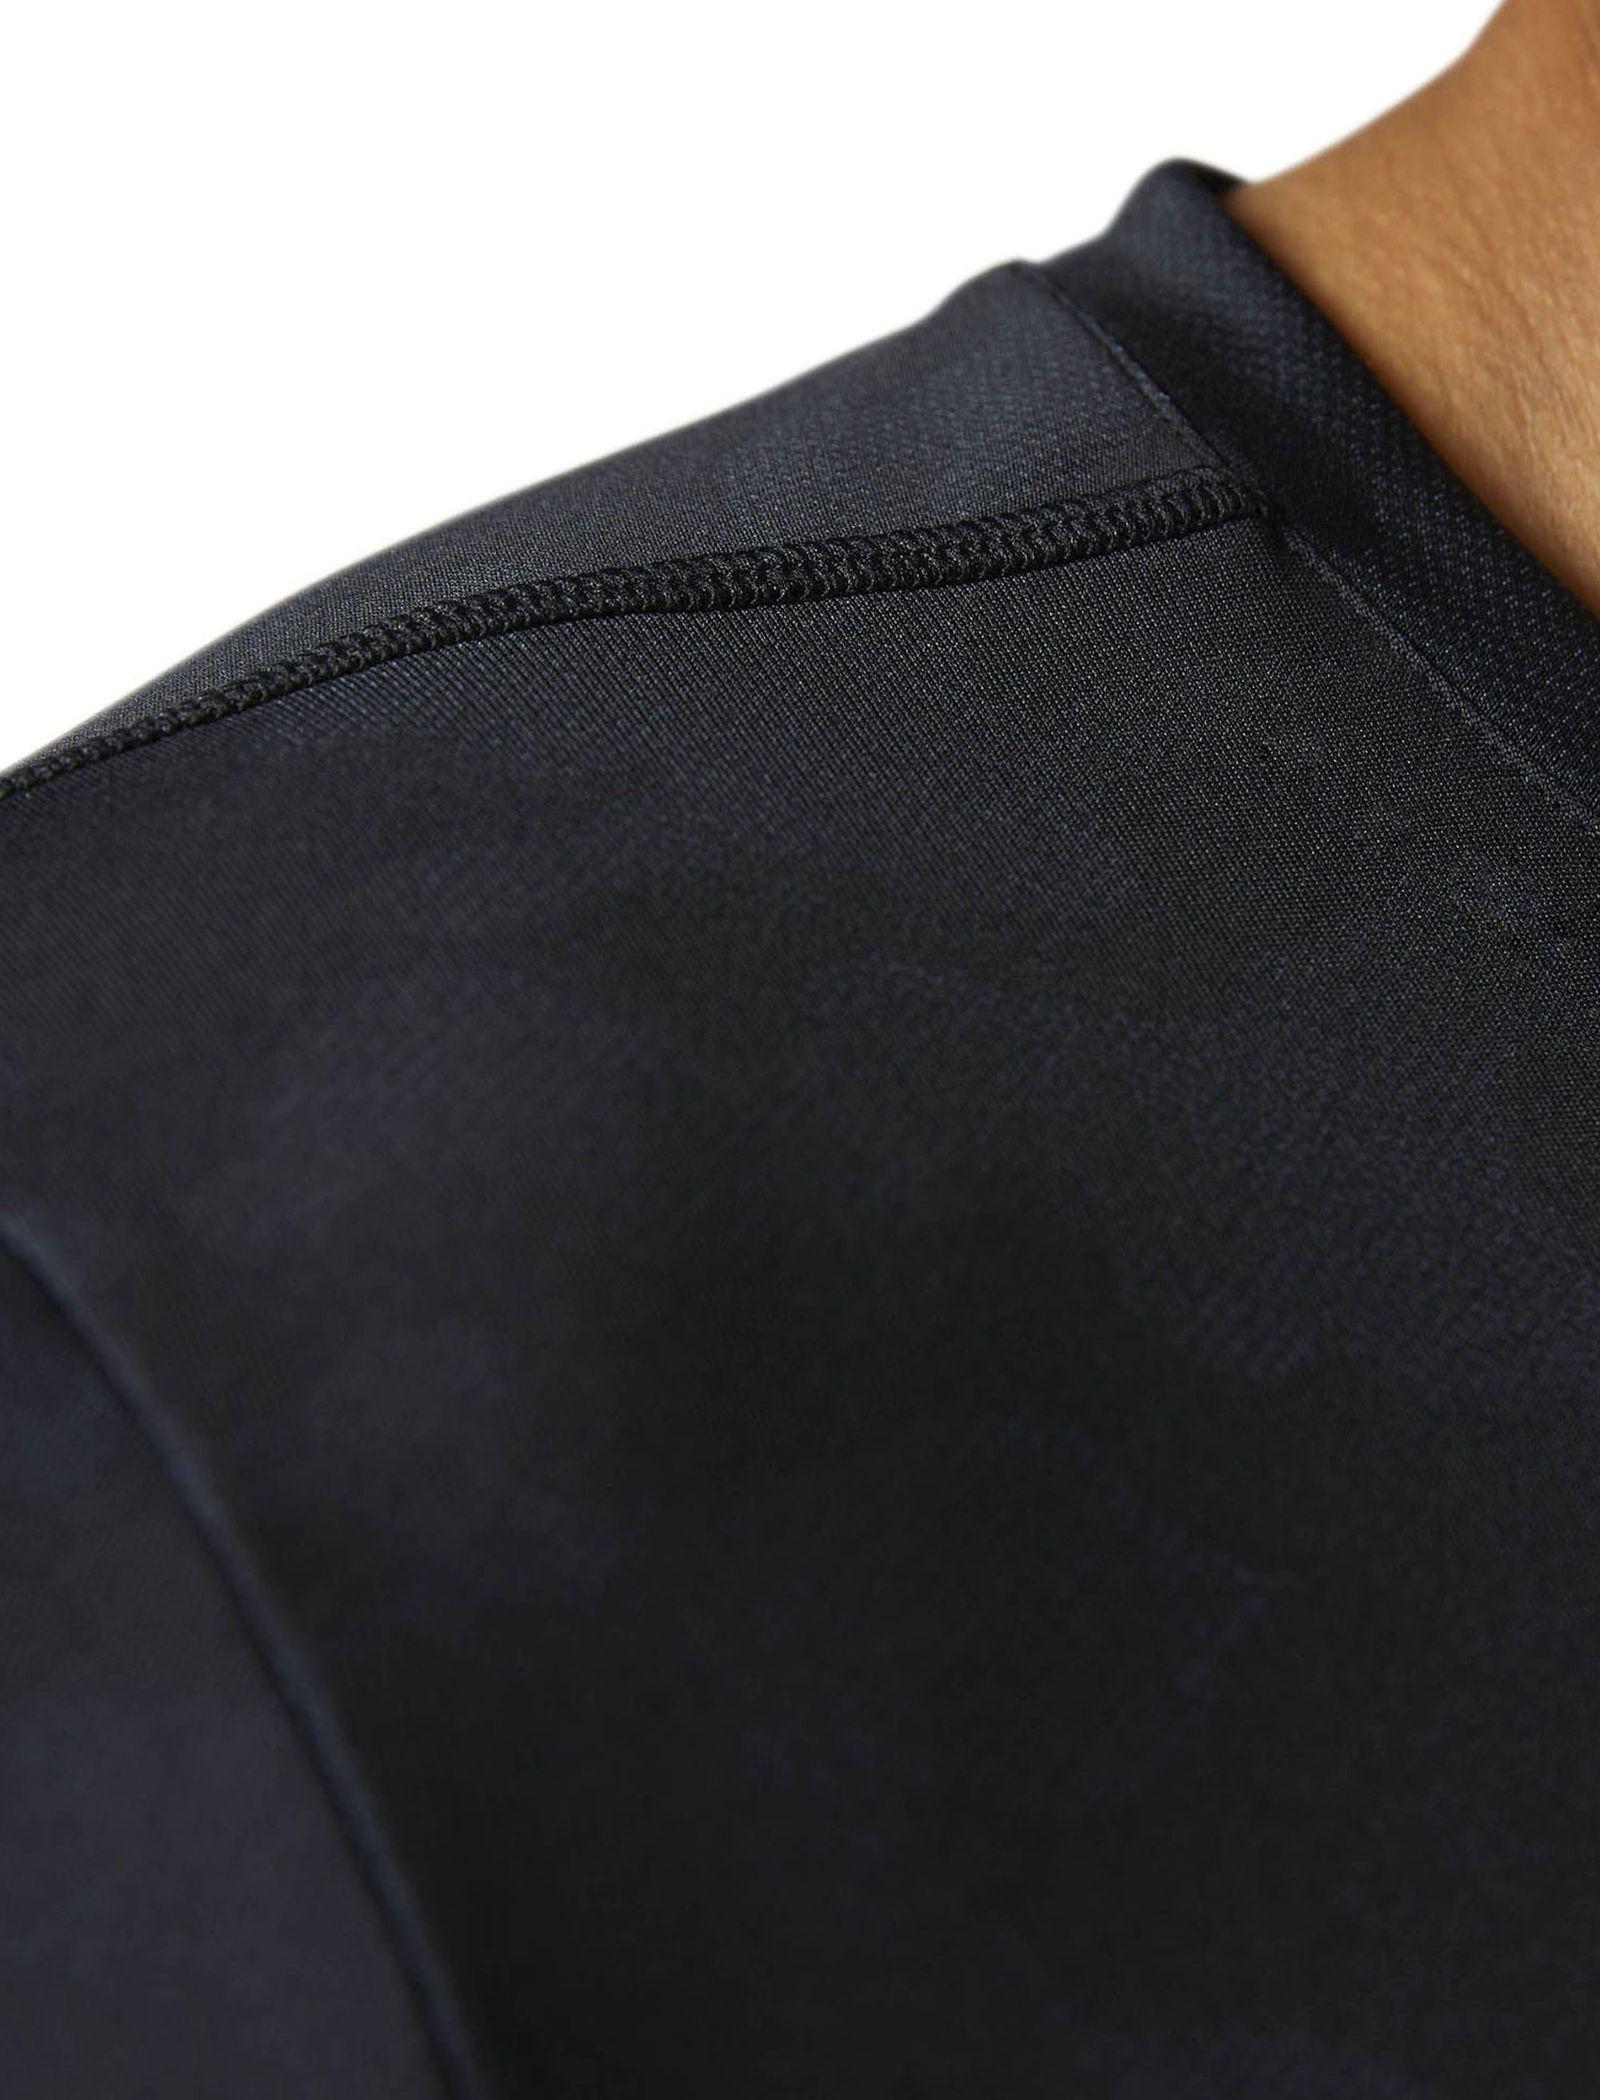 تی شرت ورزشی آستین کوتاه مردانه - ریباک - مشکي - 8